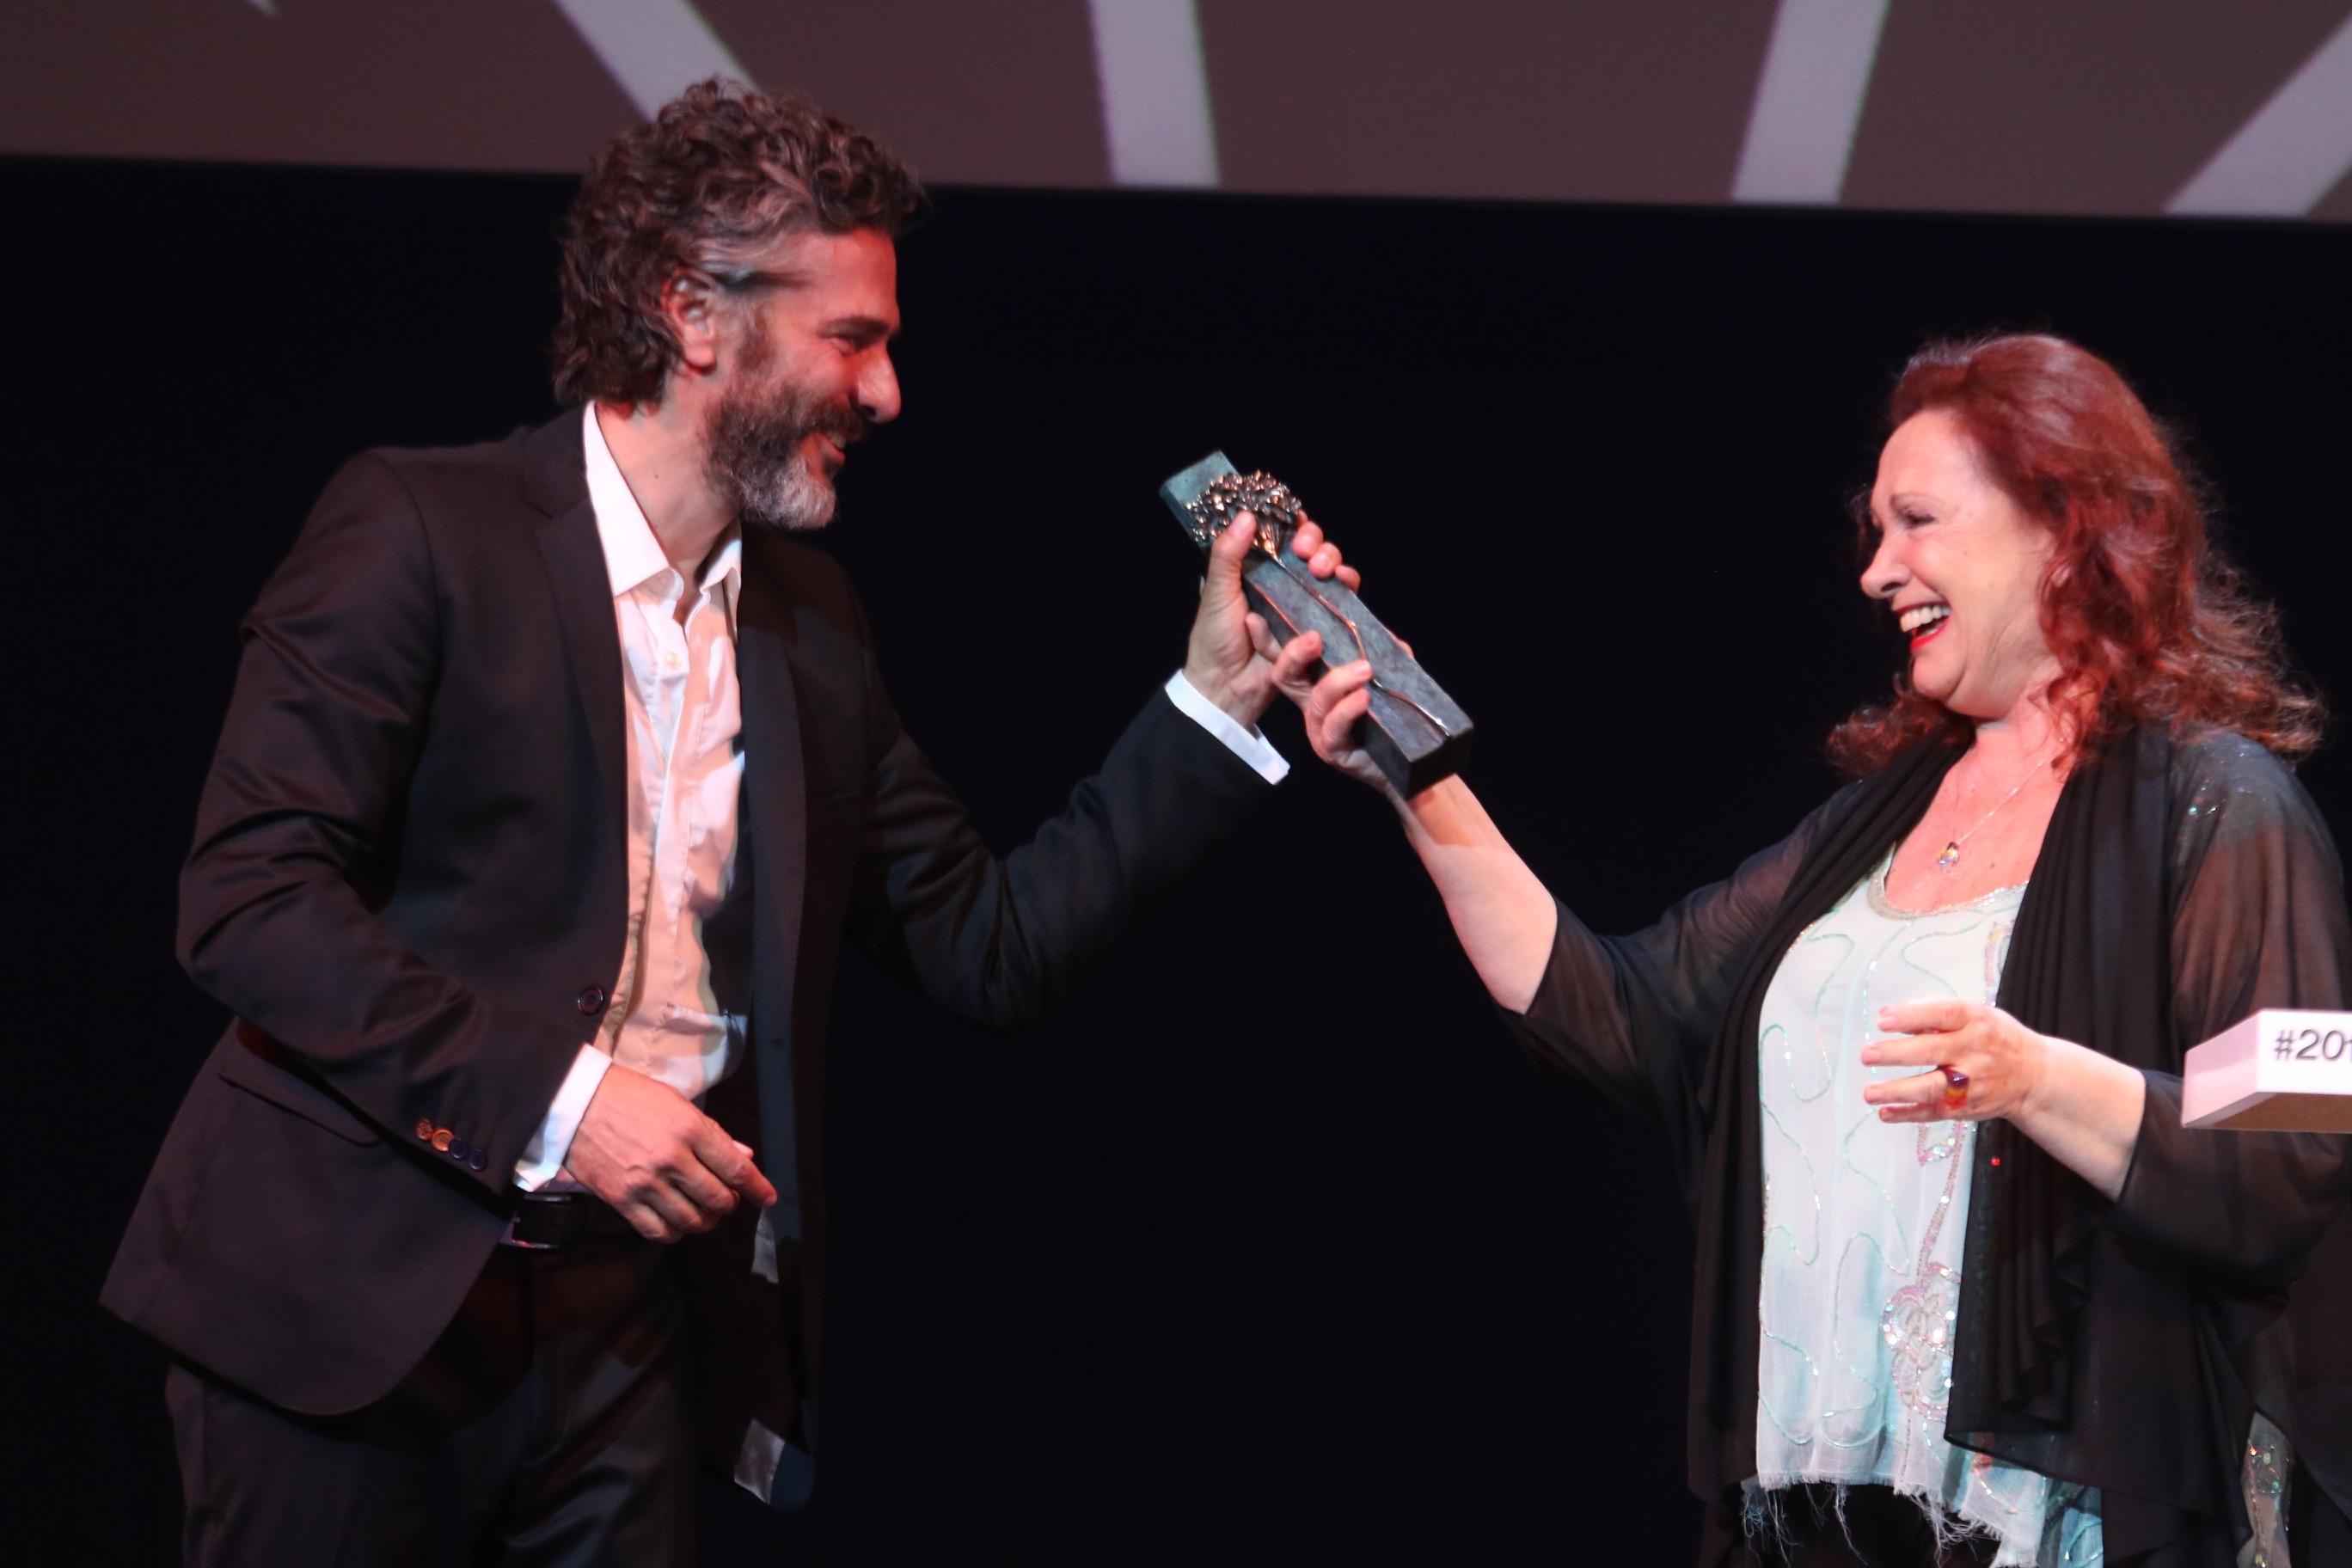 MaLaga, Andalucía, España - El actor argentino Leonardo Sbaraglia (R), acompañado por su madre Roxana Randon, habla tras recibir el Premio Málaga-Sur durante la 20ª edición del Festival de cine español de cine español en el Teatro Cervantes de Málaga , 18 de marzo de 2017